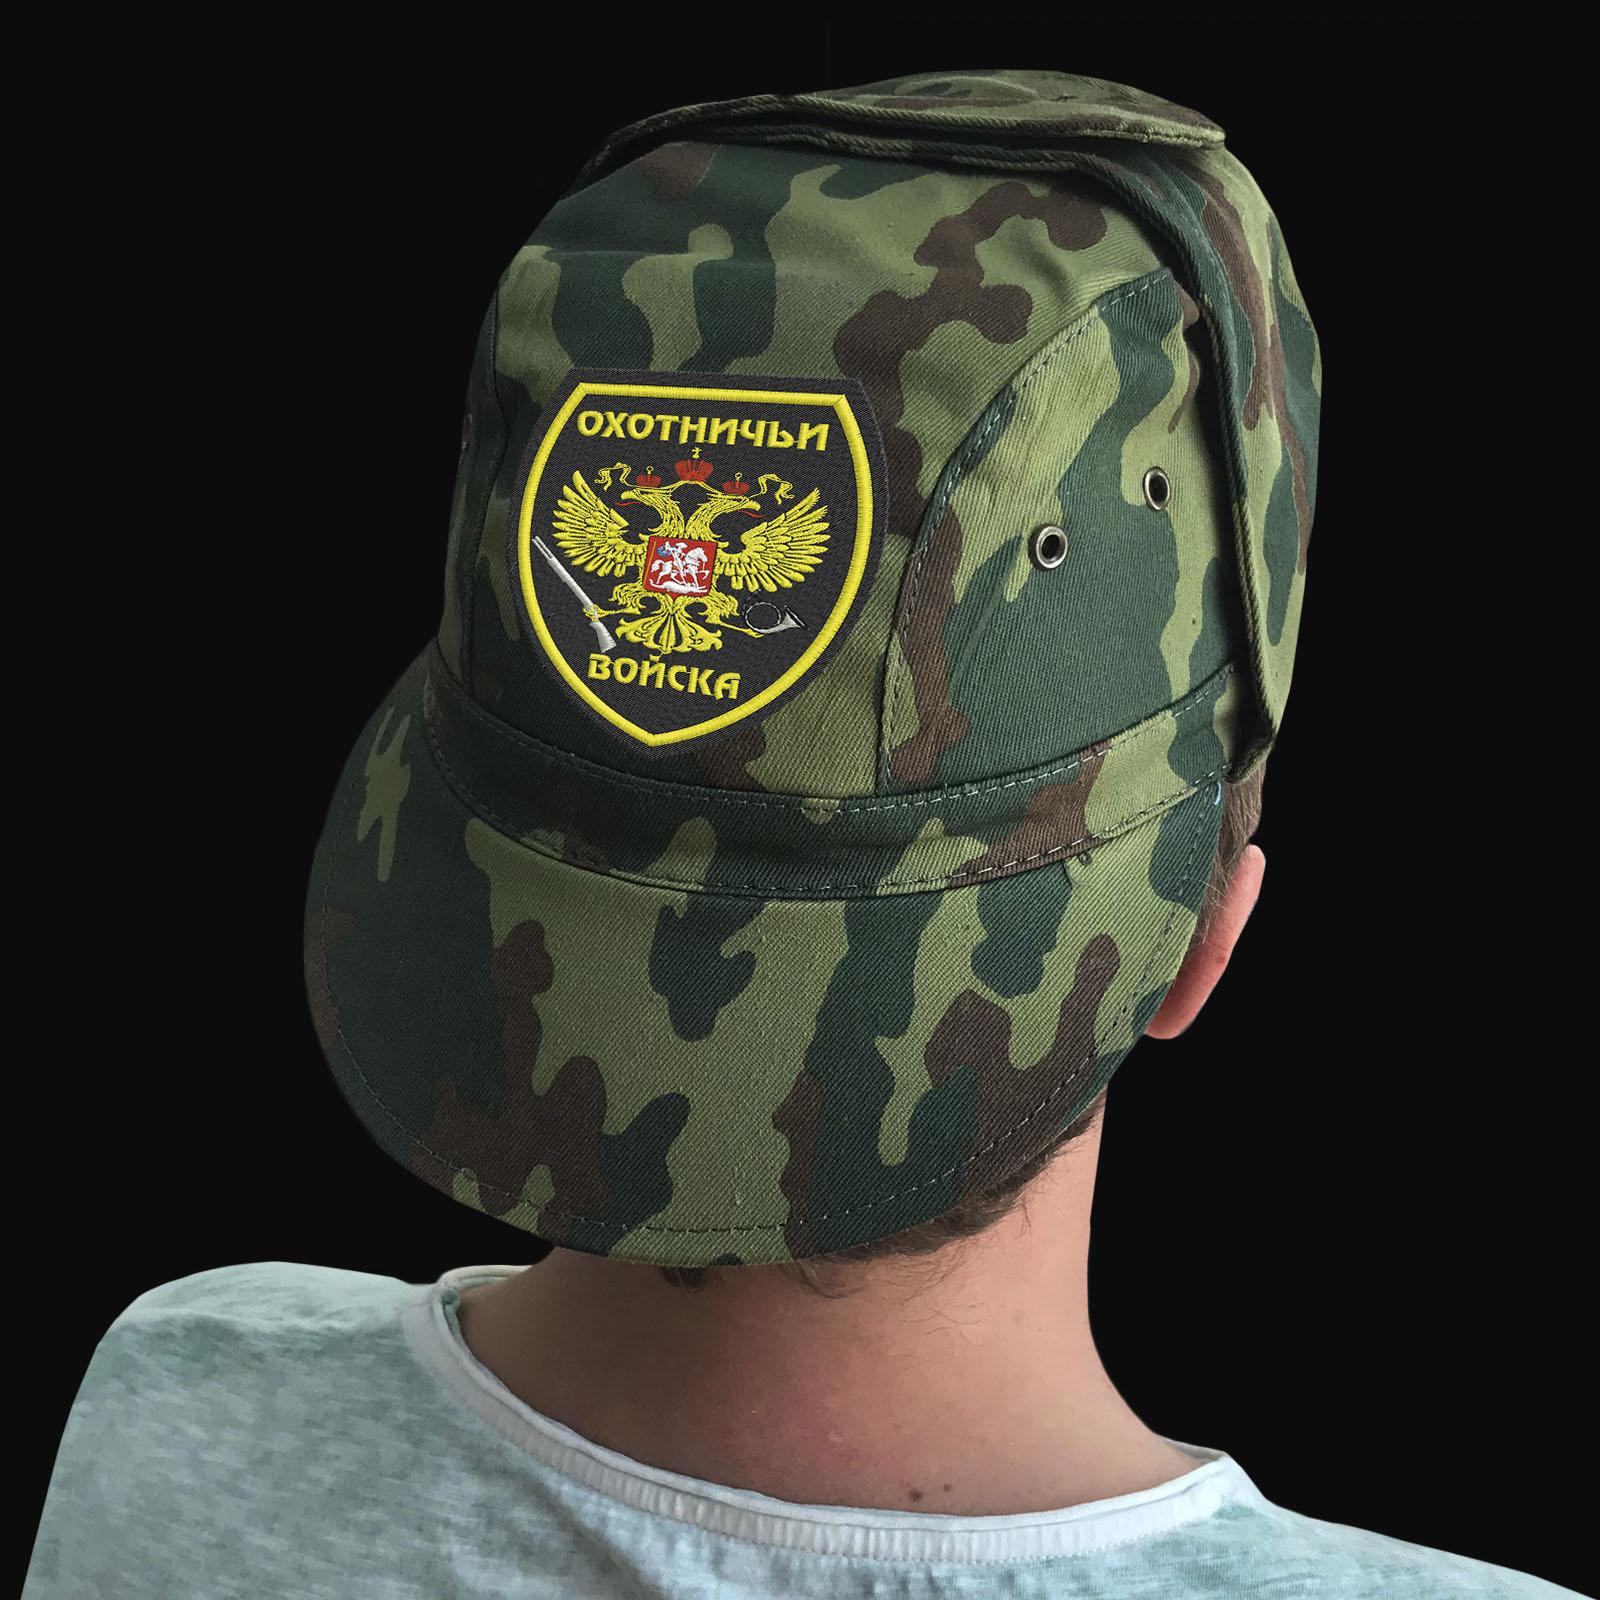 Купить на подарок охотнику милитари кепку с ушами